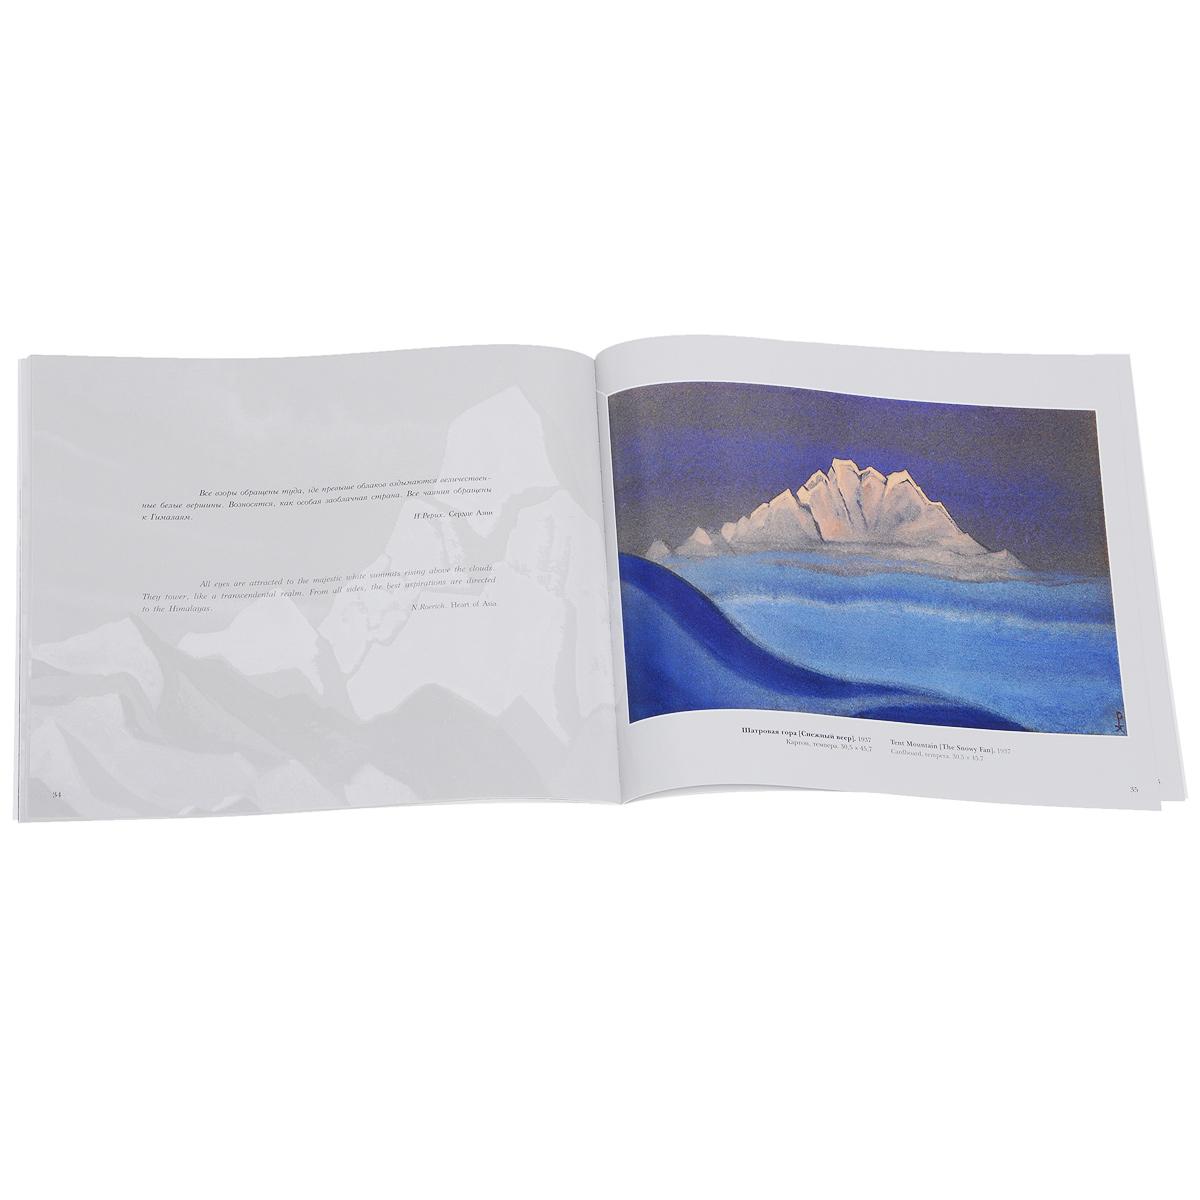 Николай Рерих. Гималайские этюды / Nicholas Roerich: Himalayan Studies